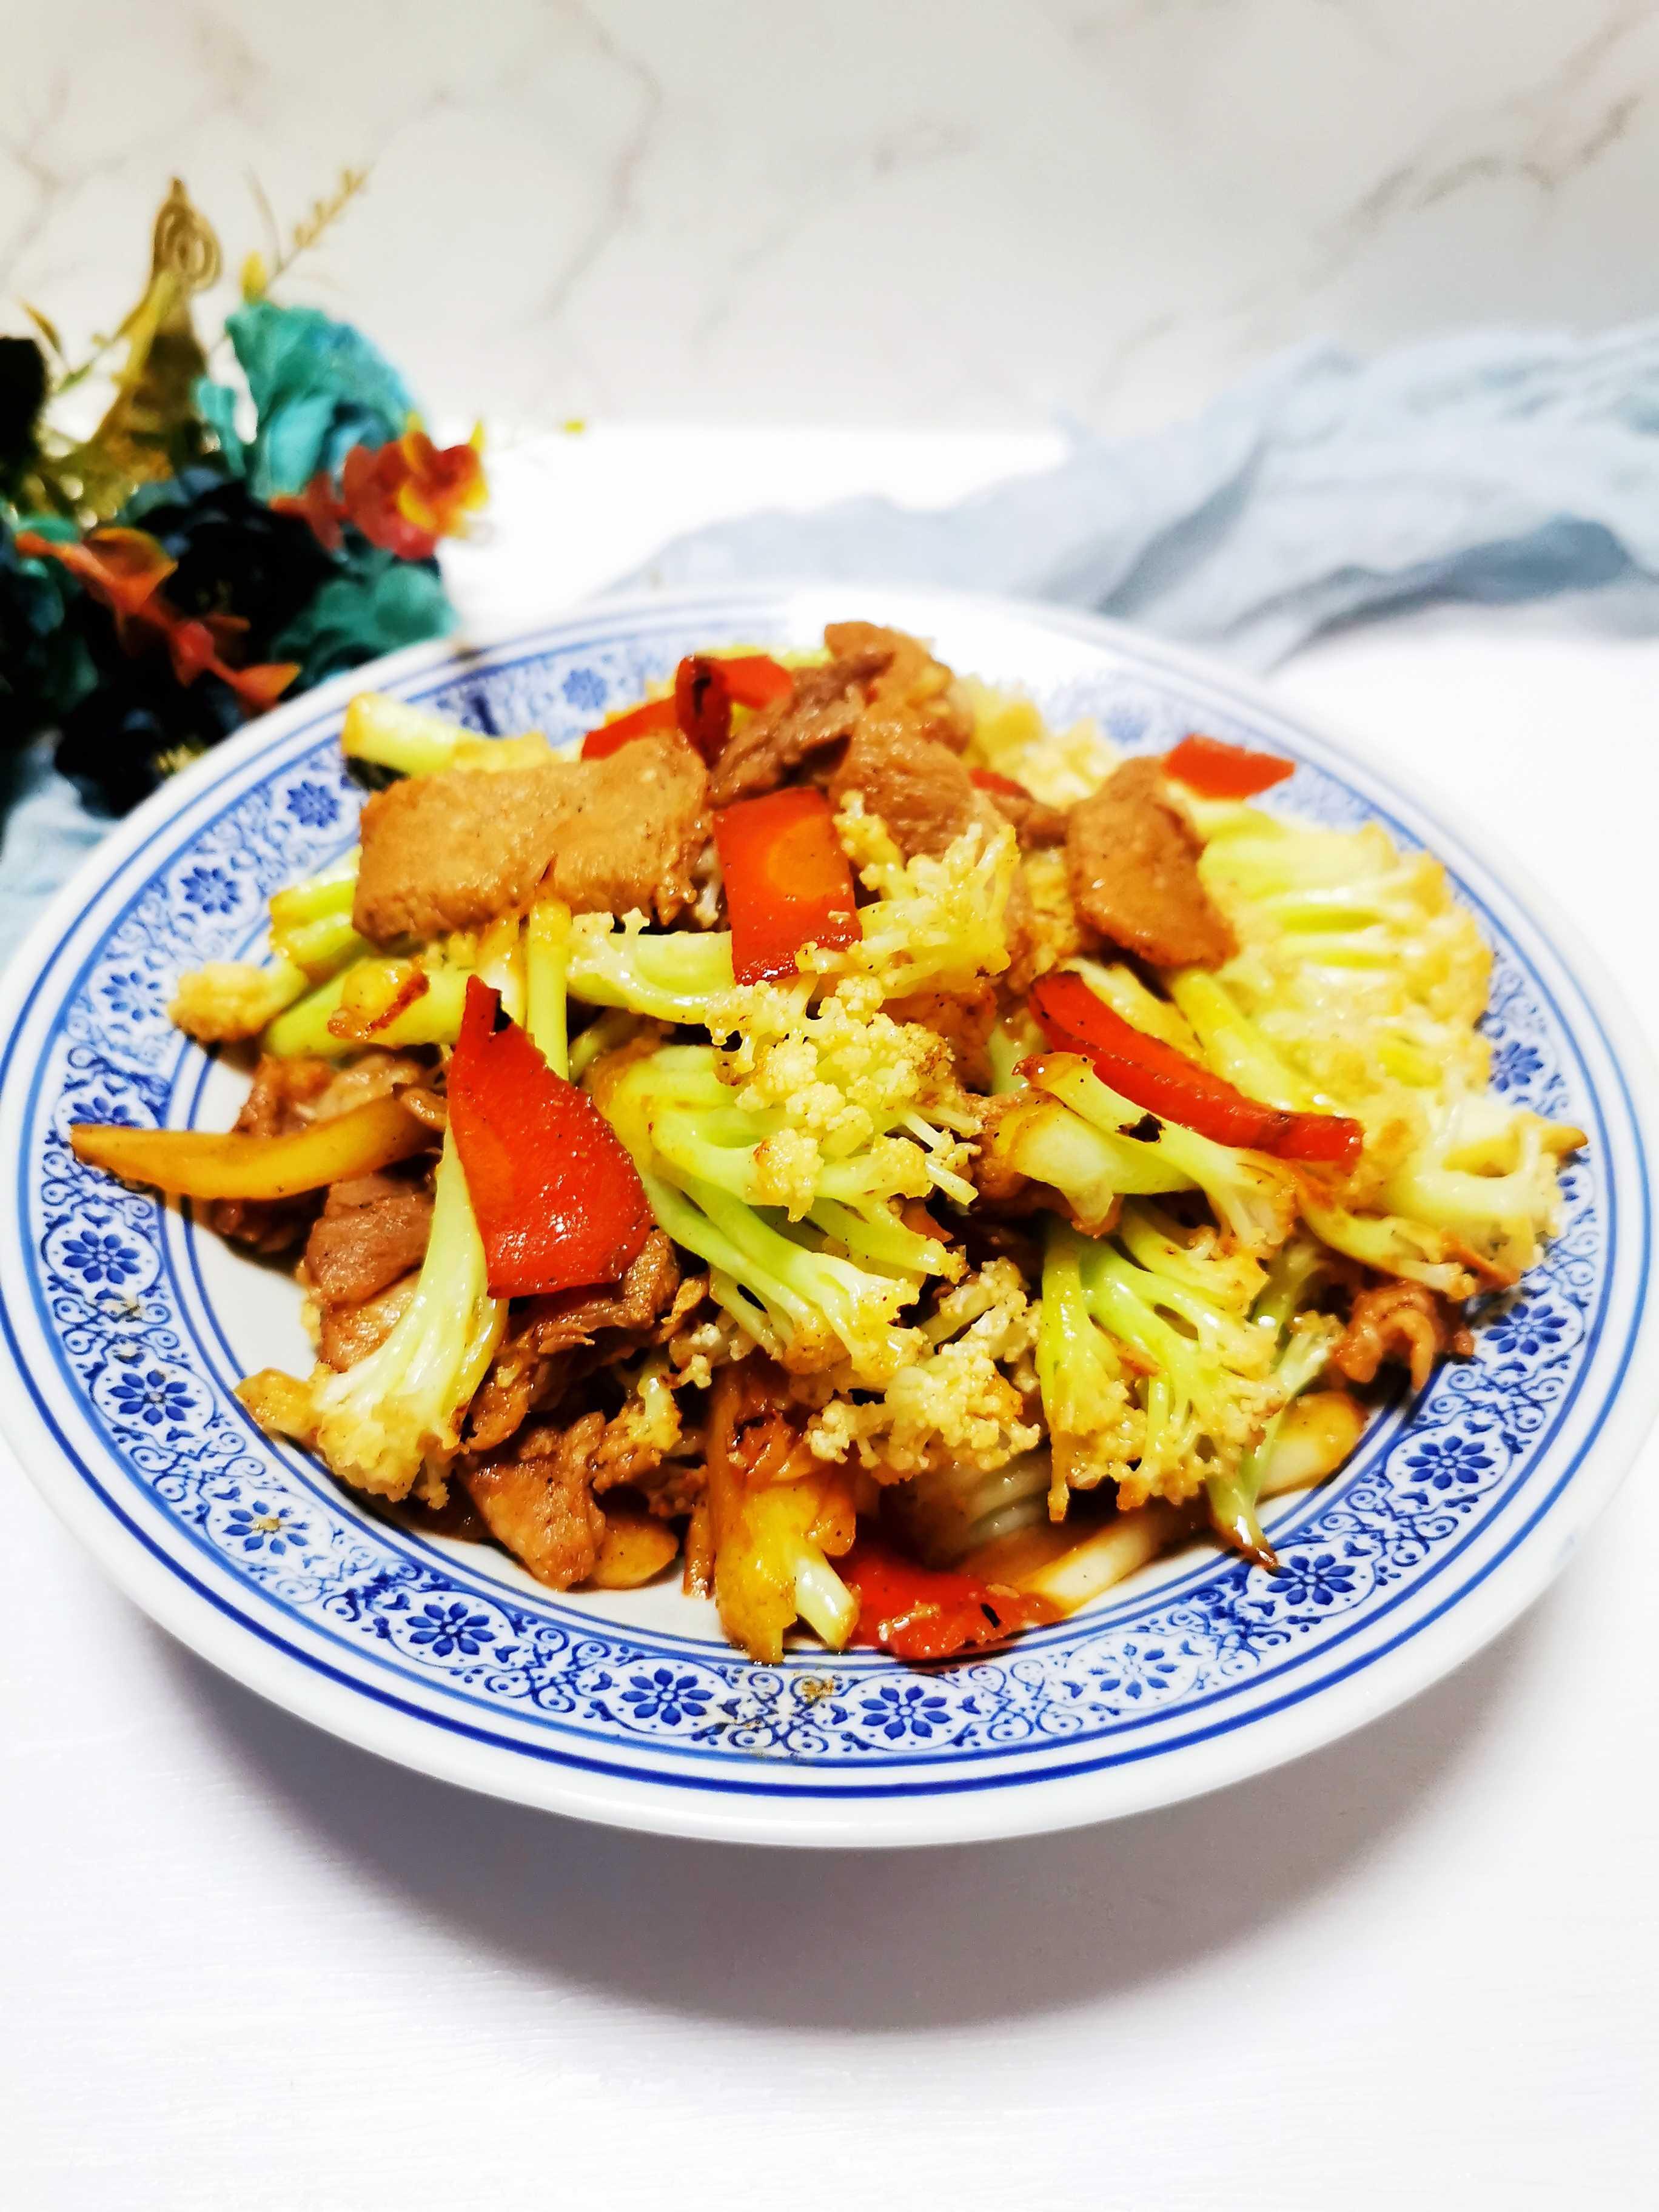 菜花炒肉脆爽清甜,猪肉要炒出来滑嫩,一定是凉油下锅成品图